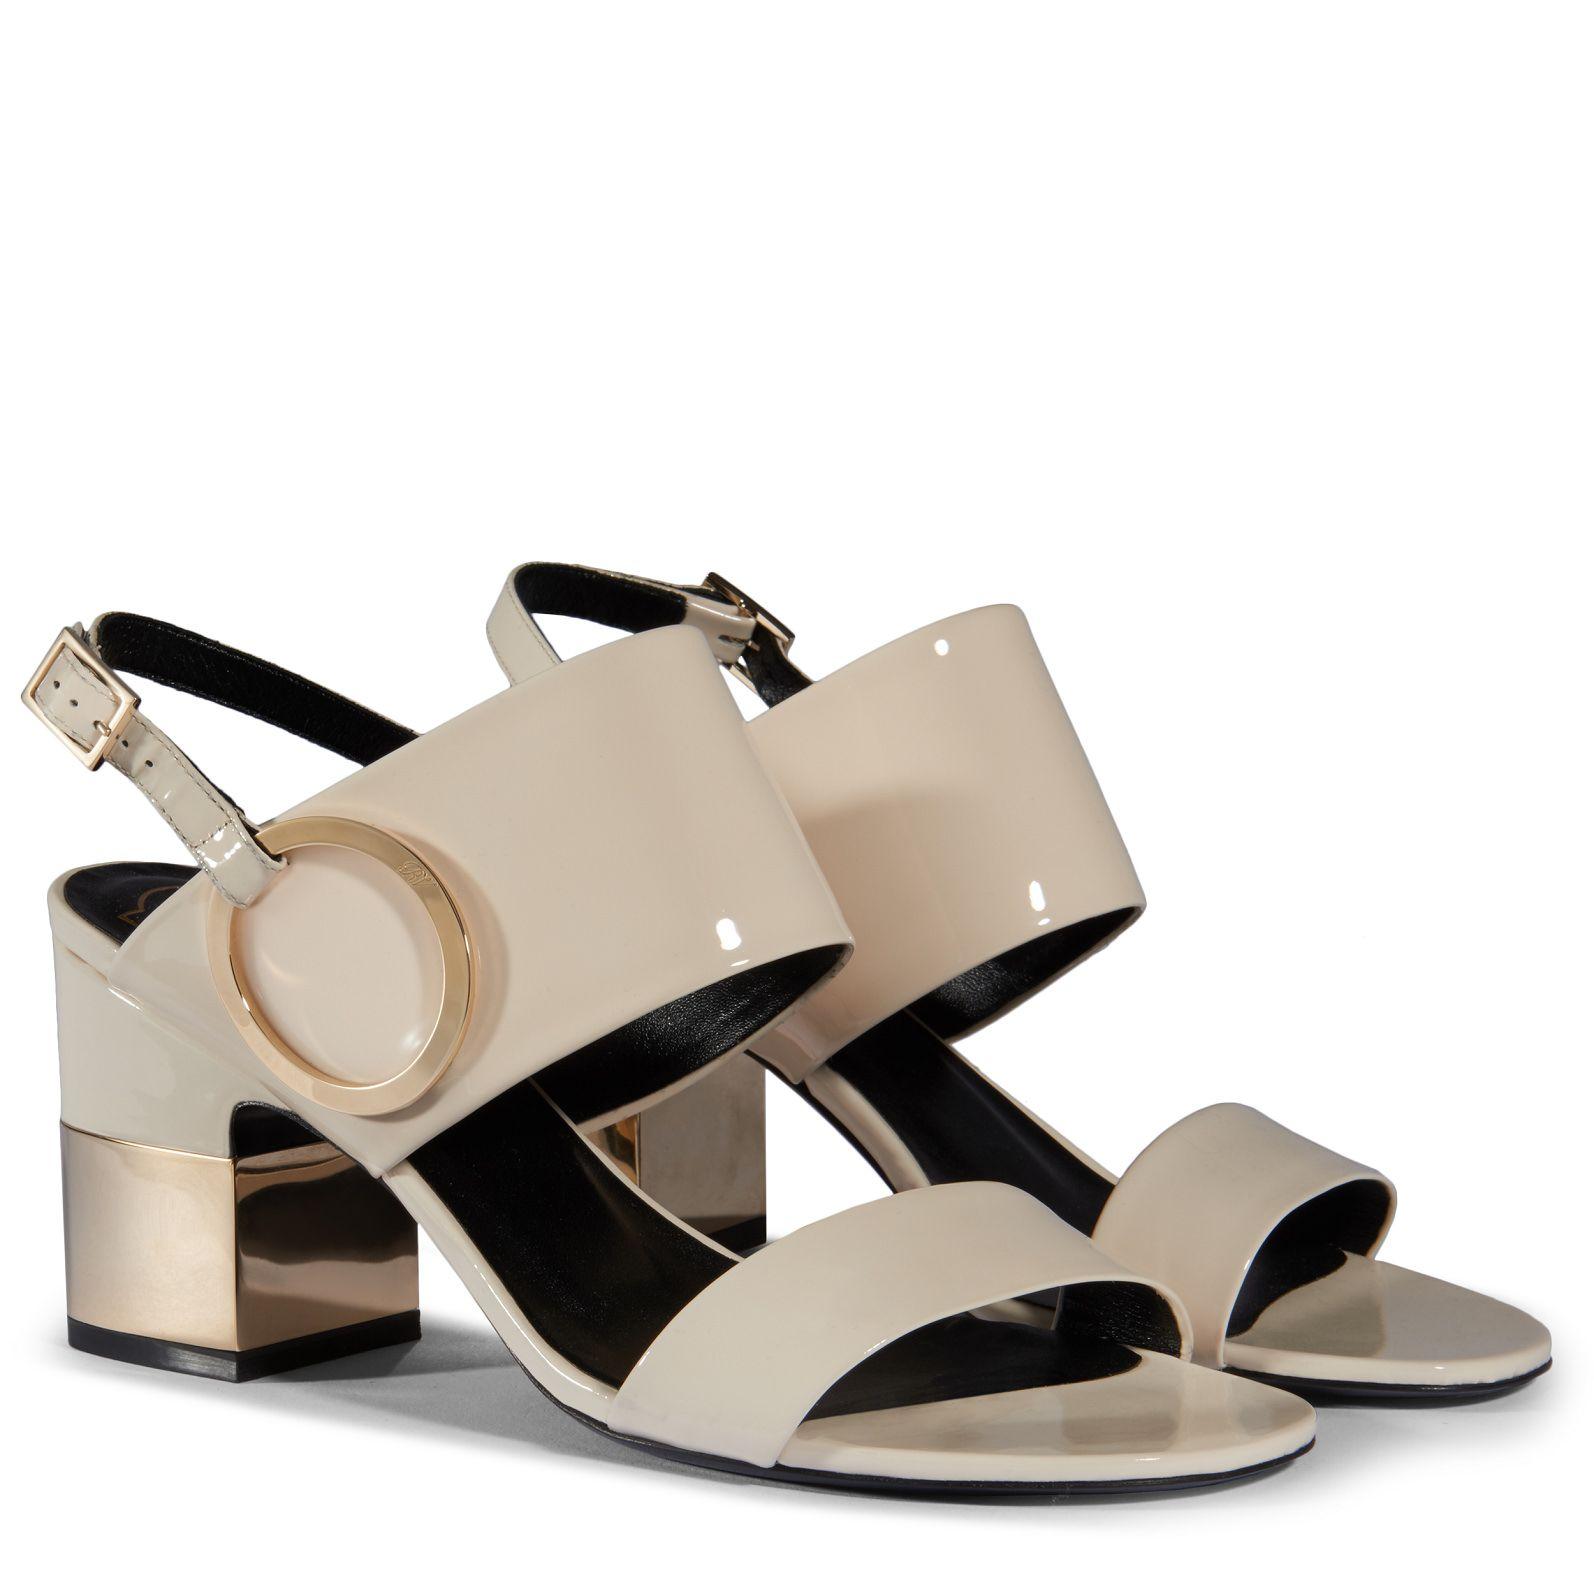 Roger Vivier Podium leather sandals hQZ4WeN4kw